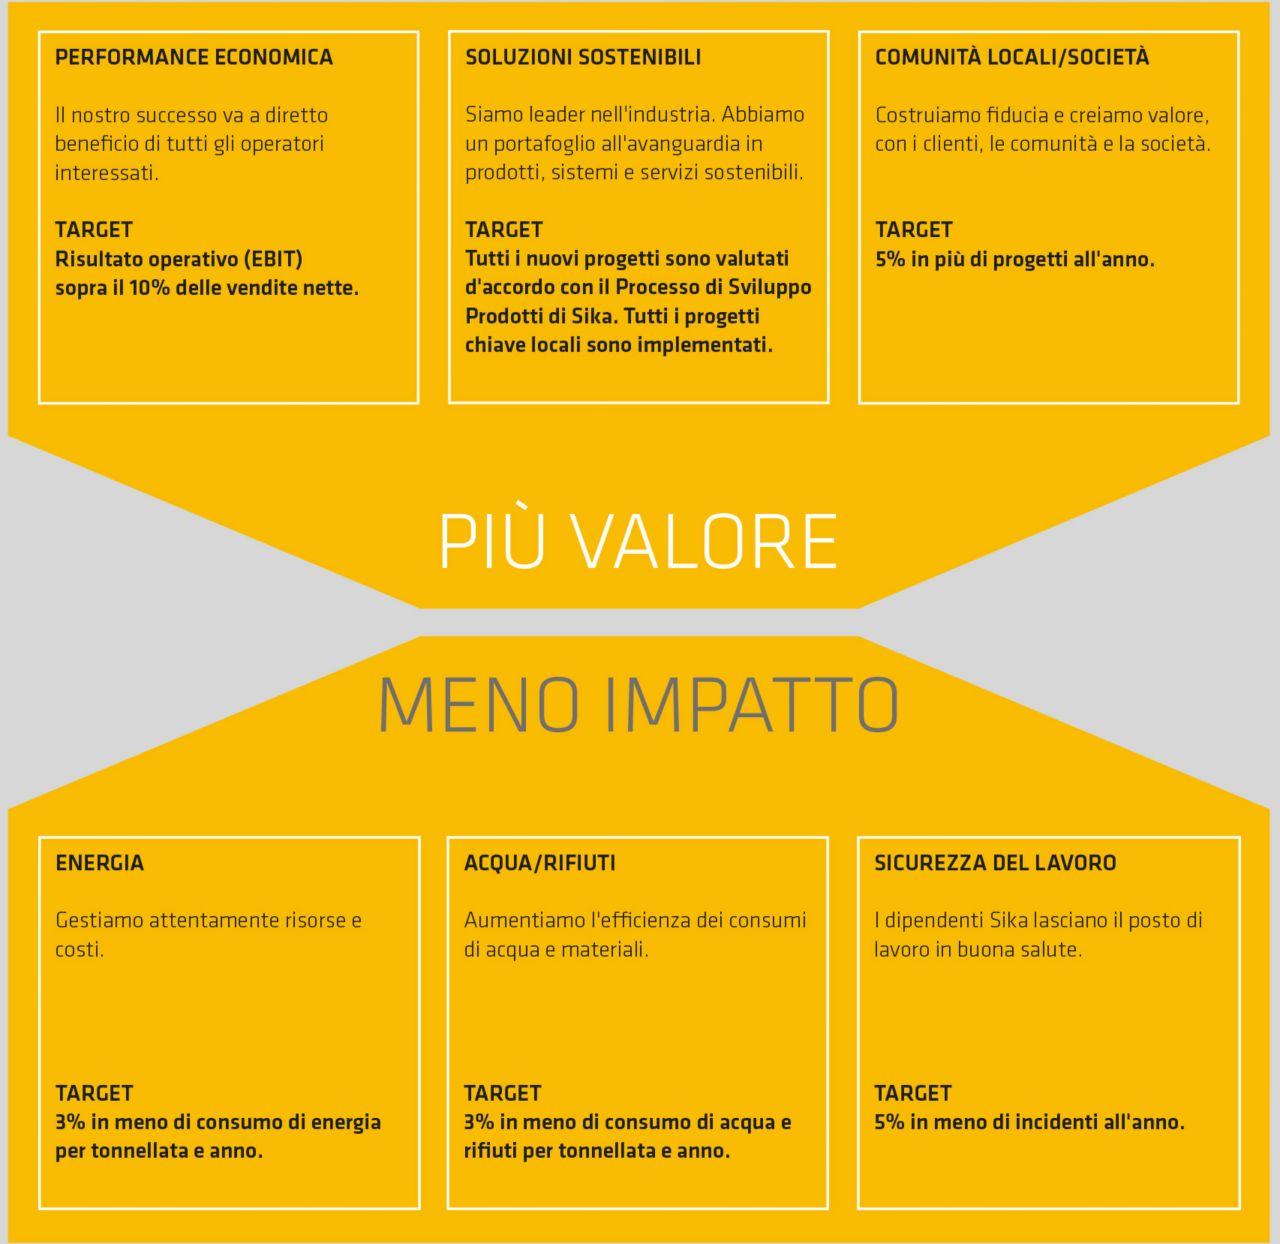 Sei obiettivi di sostenibilità - infografica